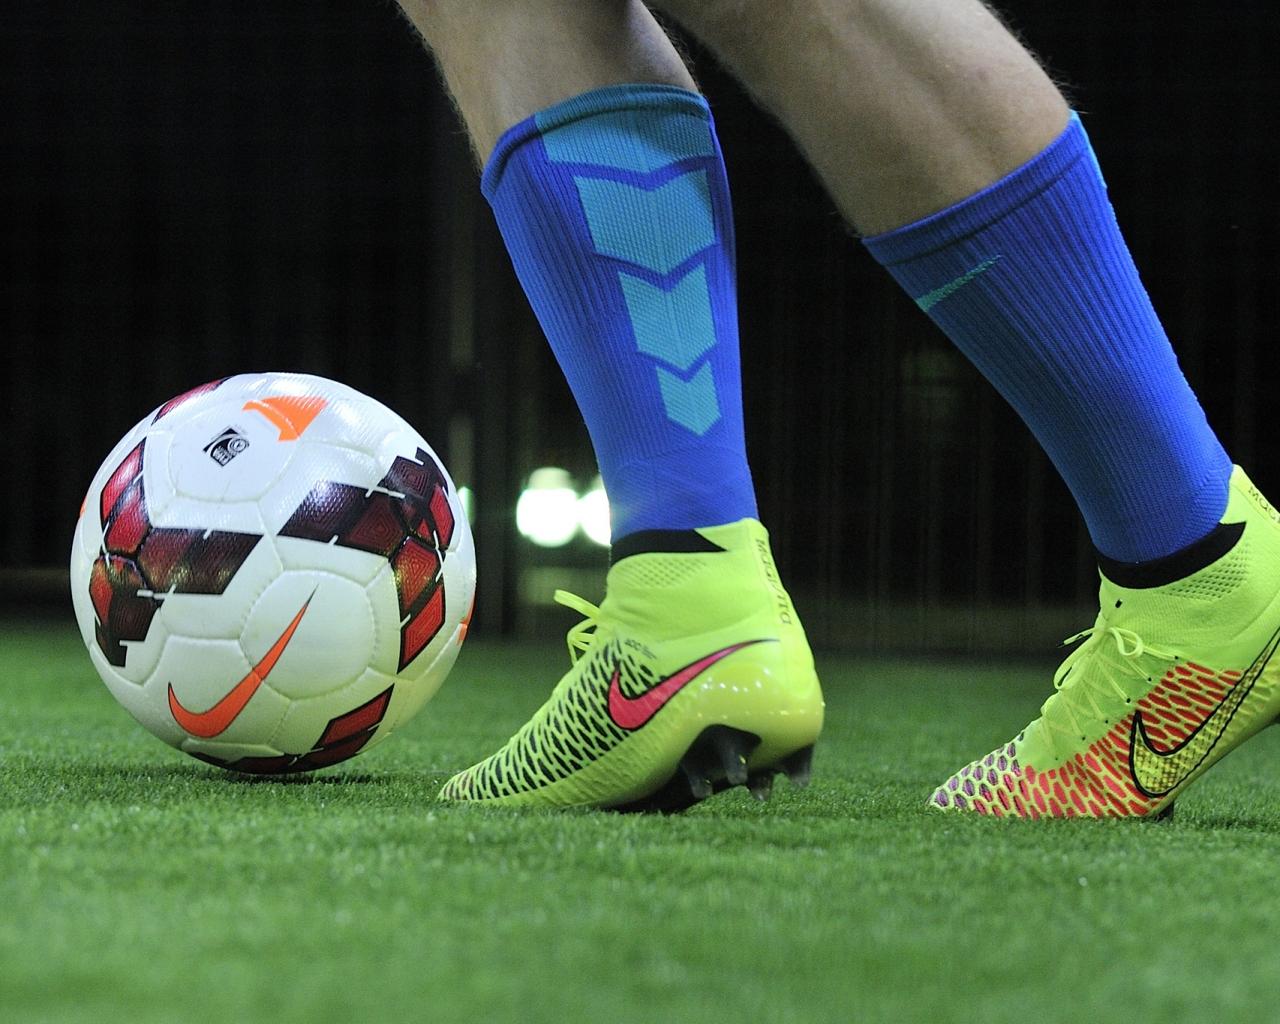 Pelotas Y Chimpunes Nike Hd 1280x768: Pelotas Y Chimpunes Nike Hd 1280x1024